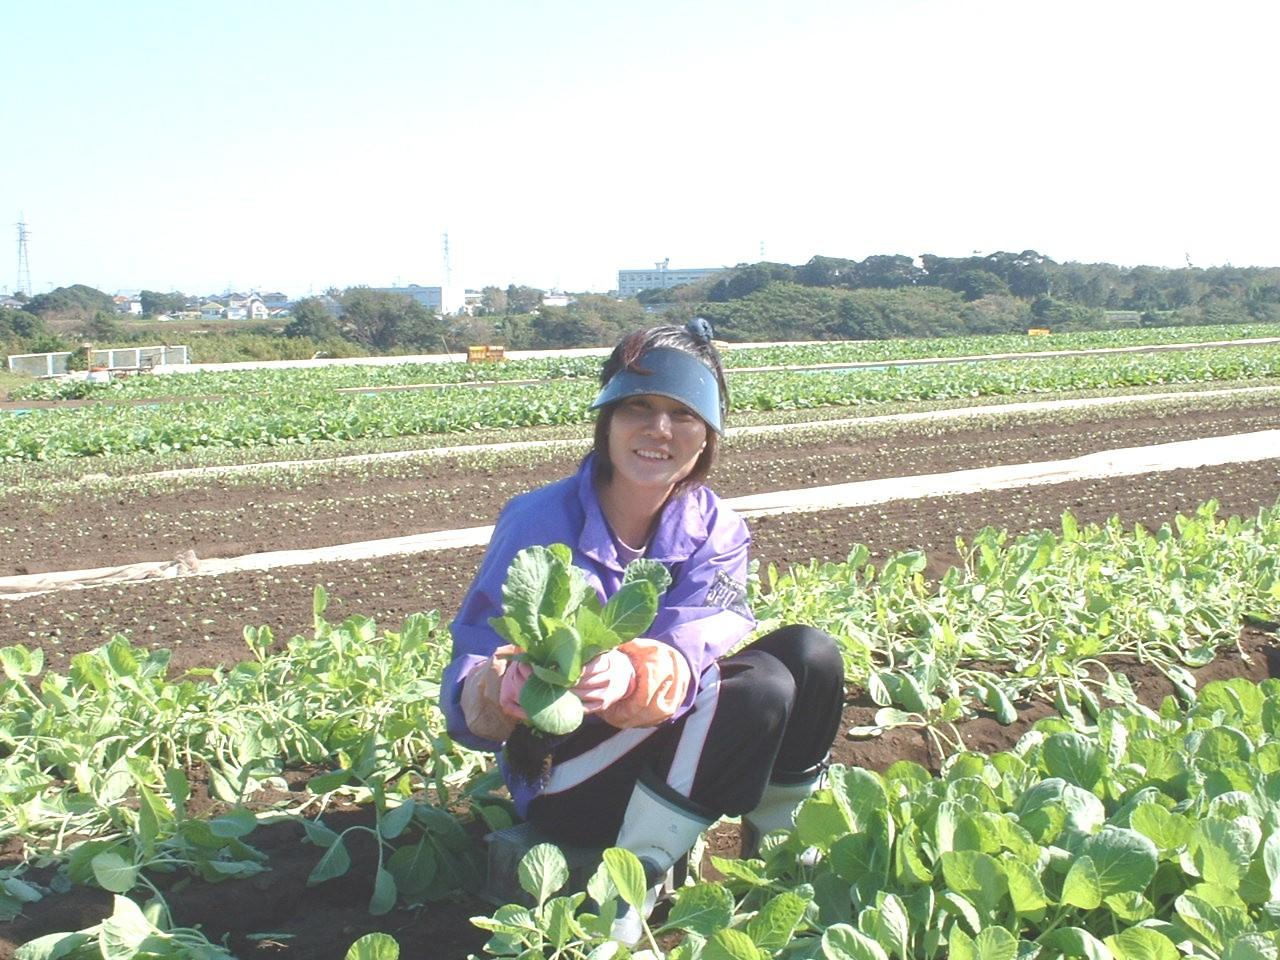 農業体験アルバイト ミトミ農園では、自然の中で農業・野菜作りに関心のある方に、土とふれあう農業体